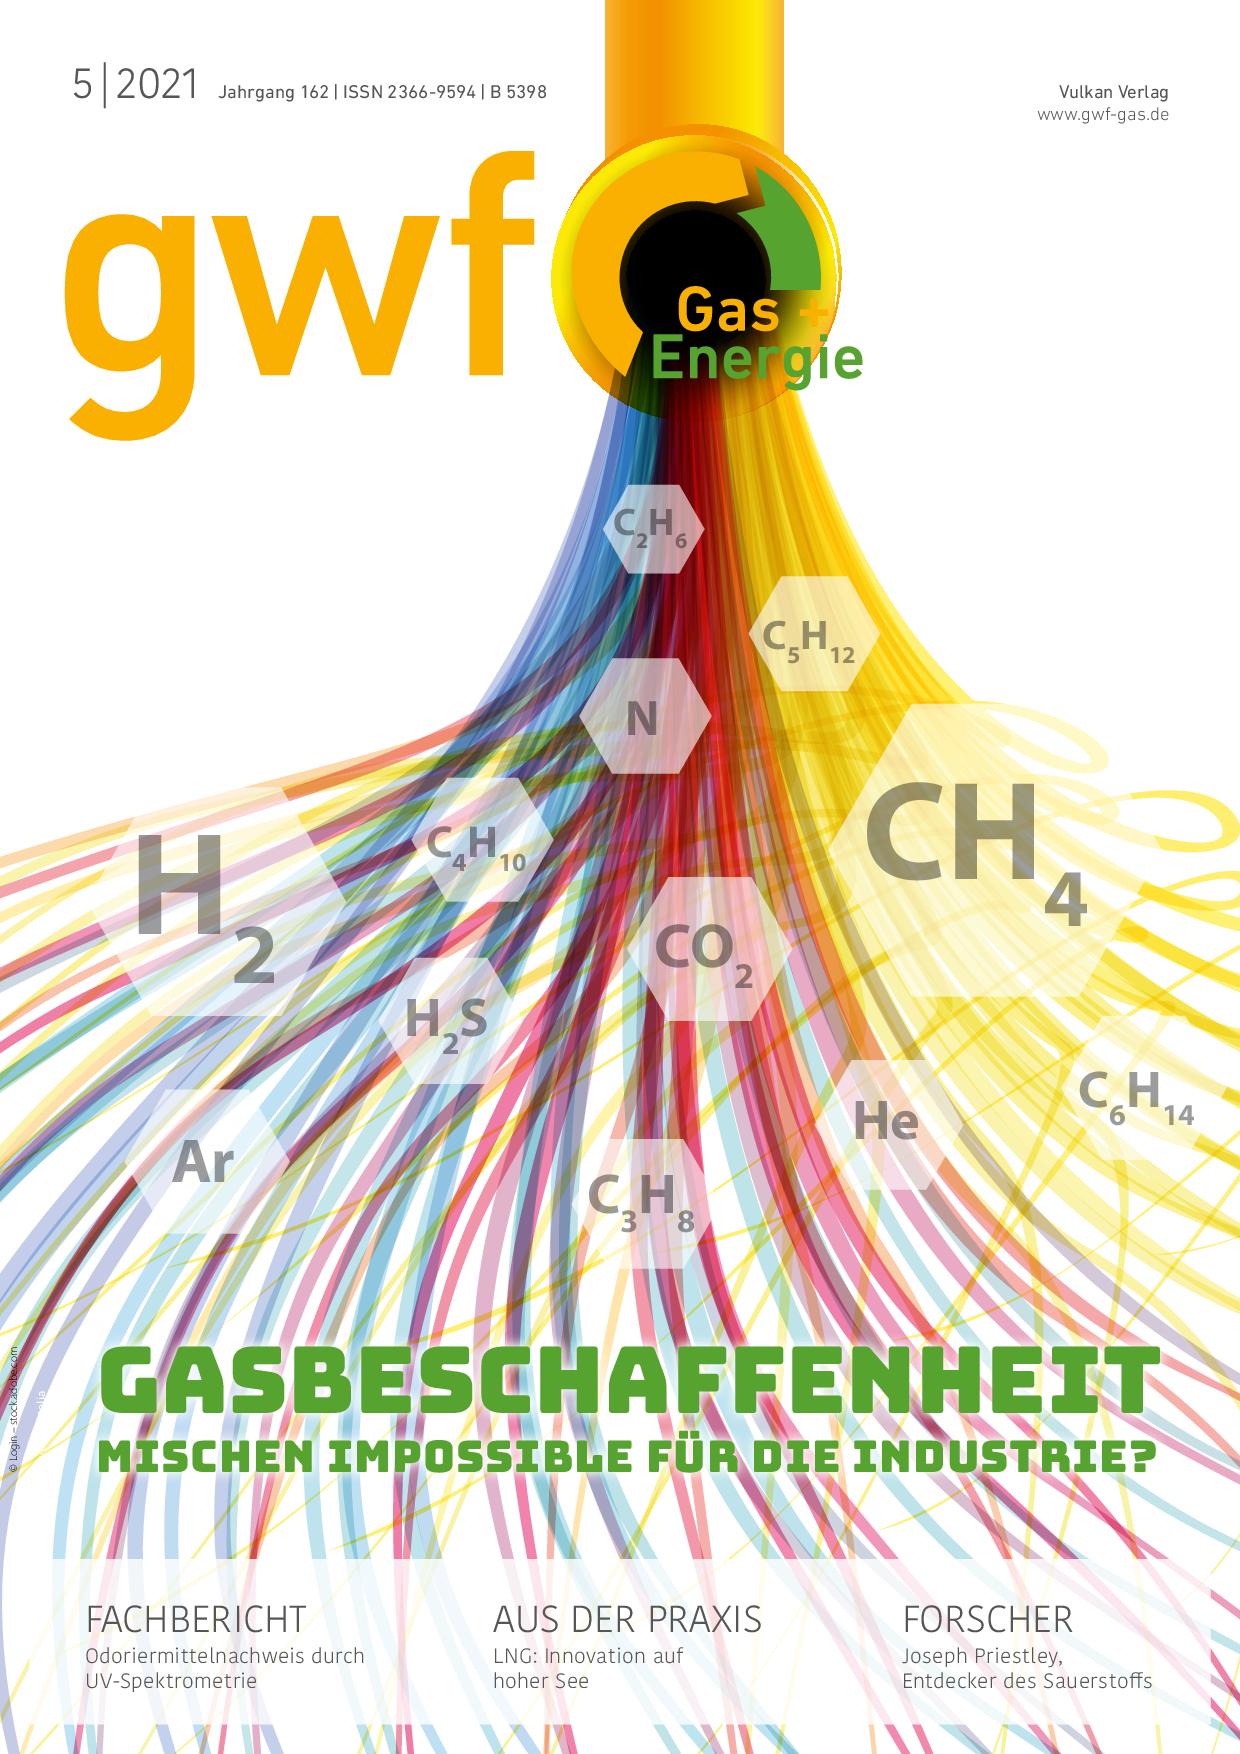 gwf Gas+Energie – 05 2021